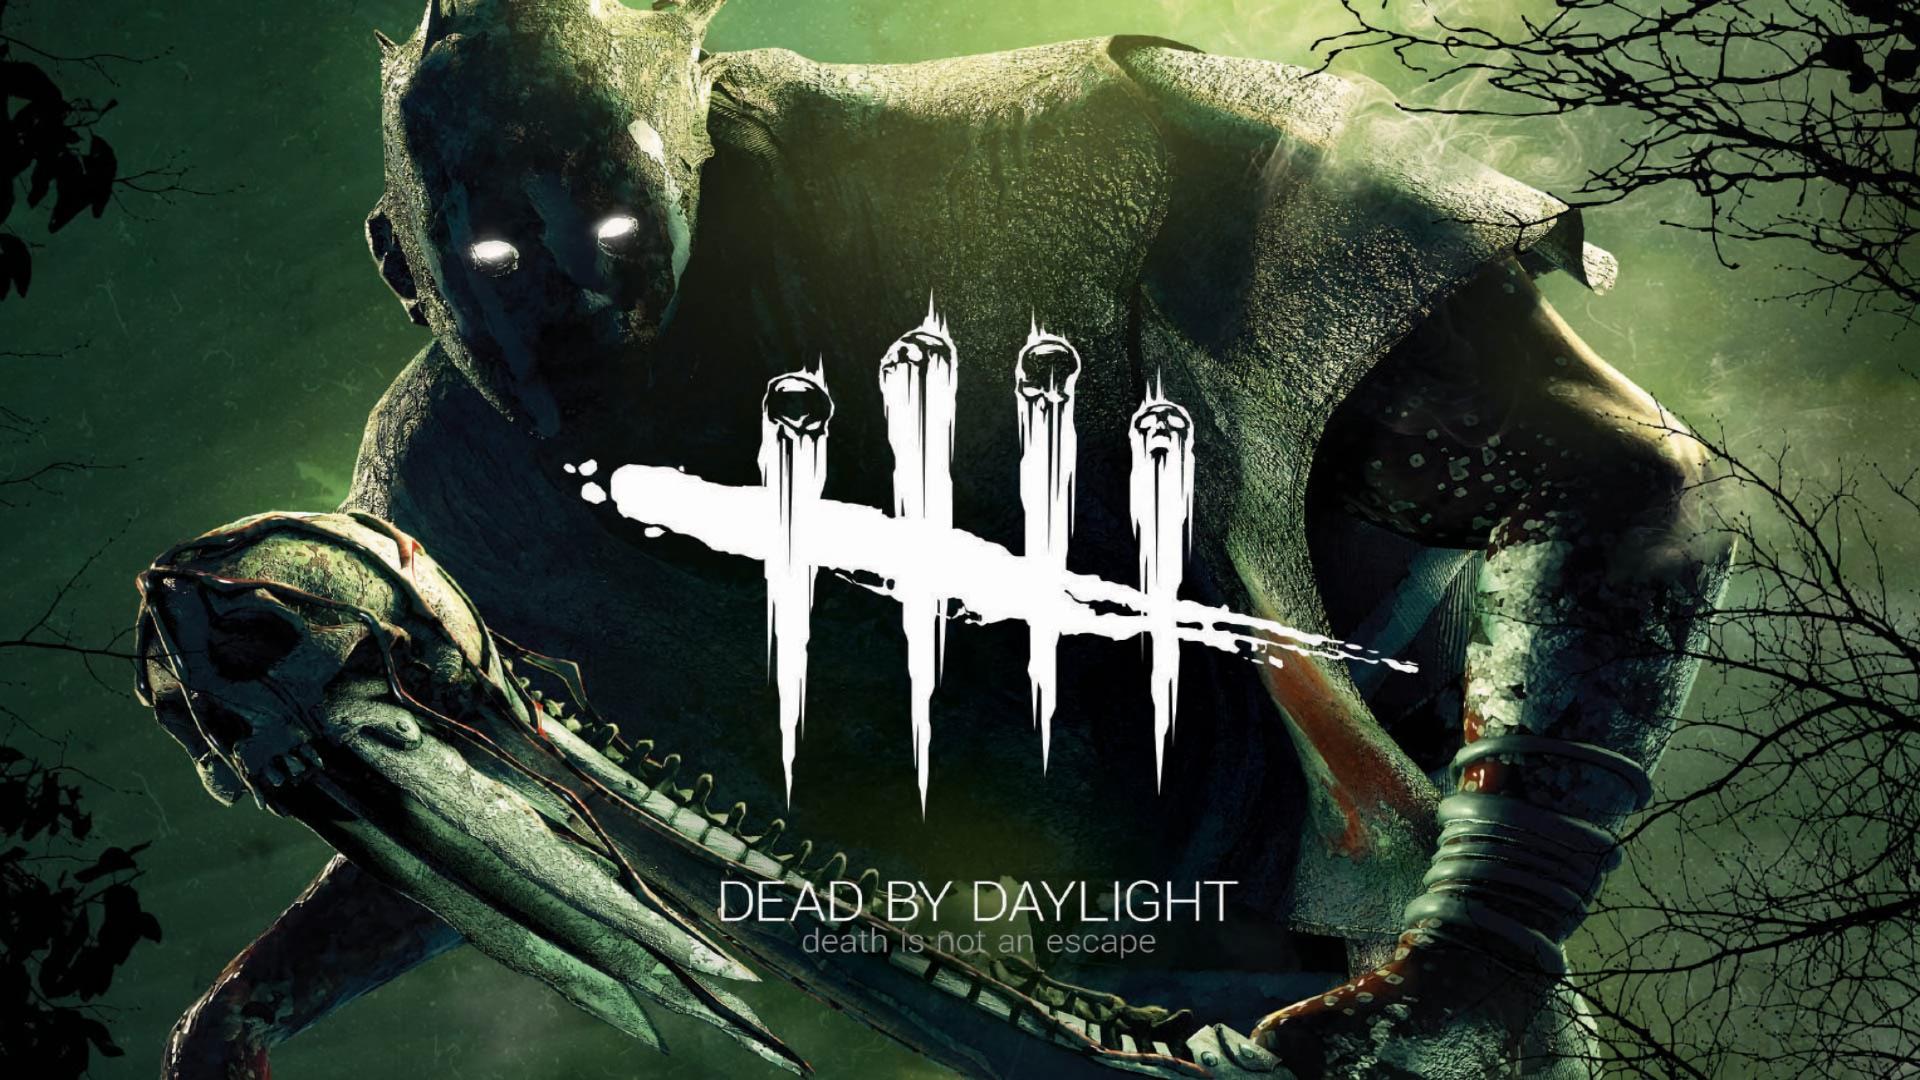 Dead by Daylight 8102019 1